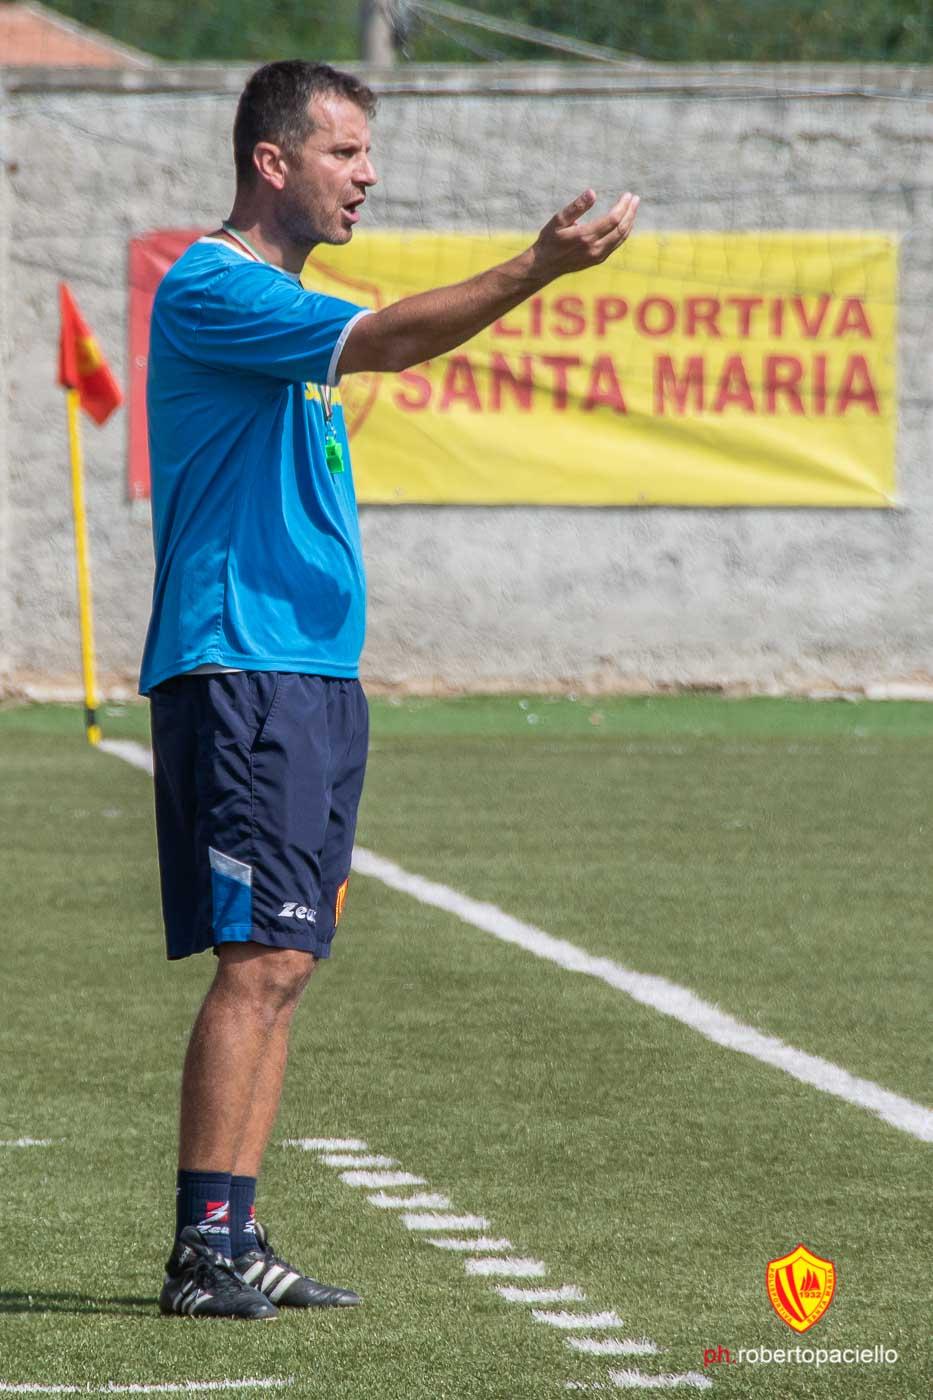 Polisportiva Santa Maria 0-0 Virtus Cilento, la voce di Esposito